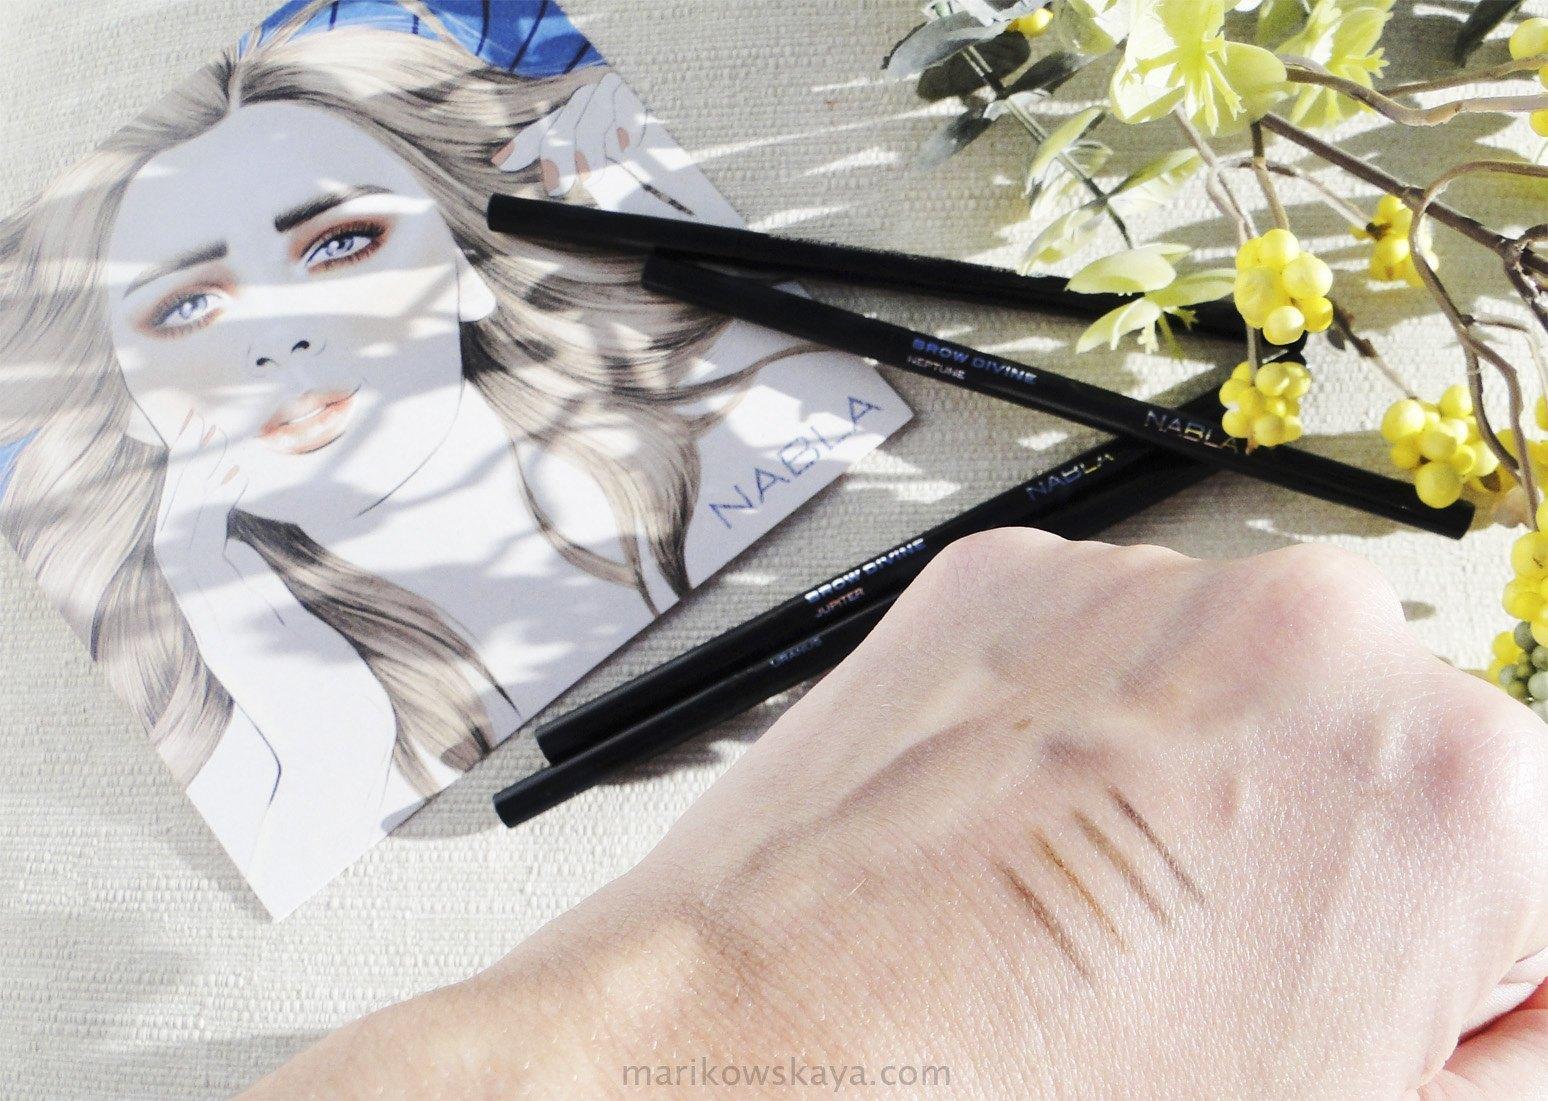 lapicesdecejas-nabla-browdivine-2